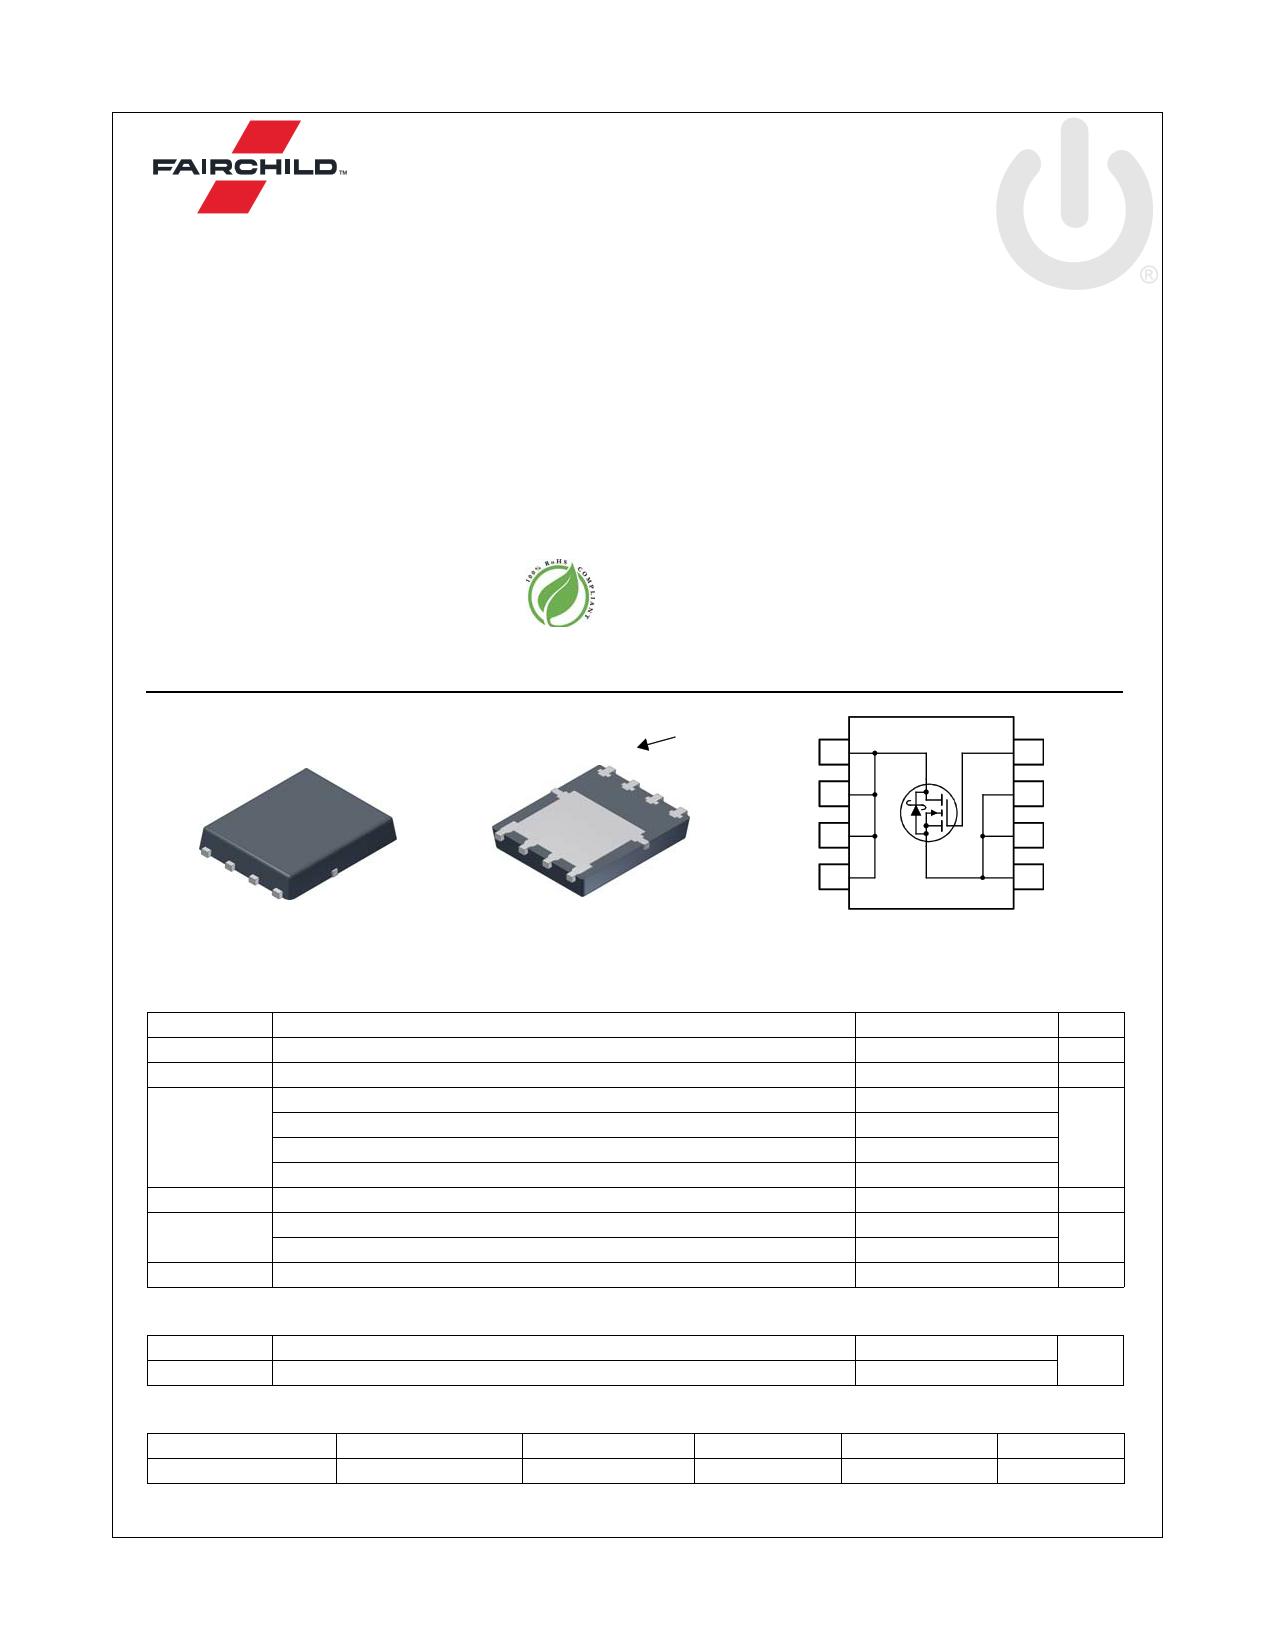 FDMS0310AS 데이터시트 및 FDMS0310AS PDF